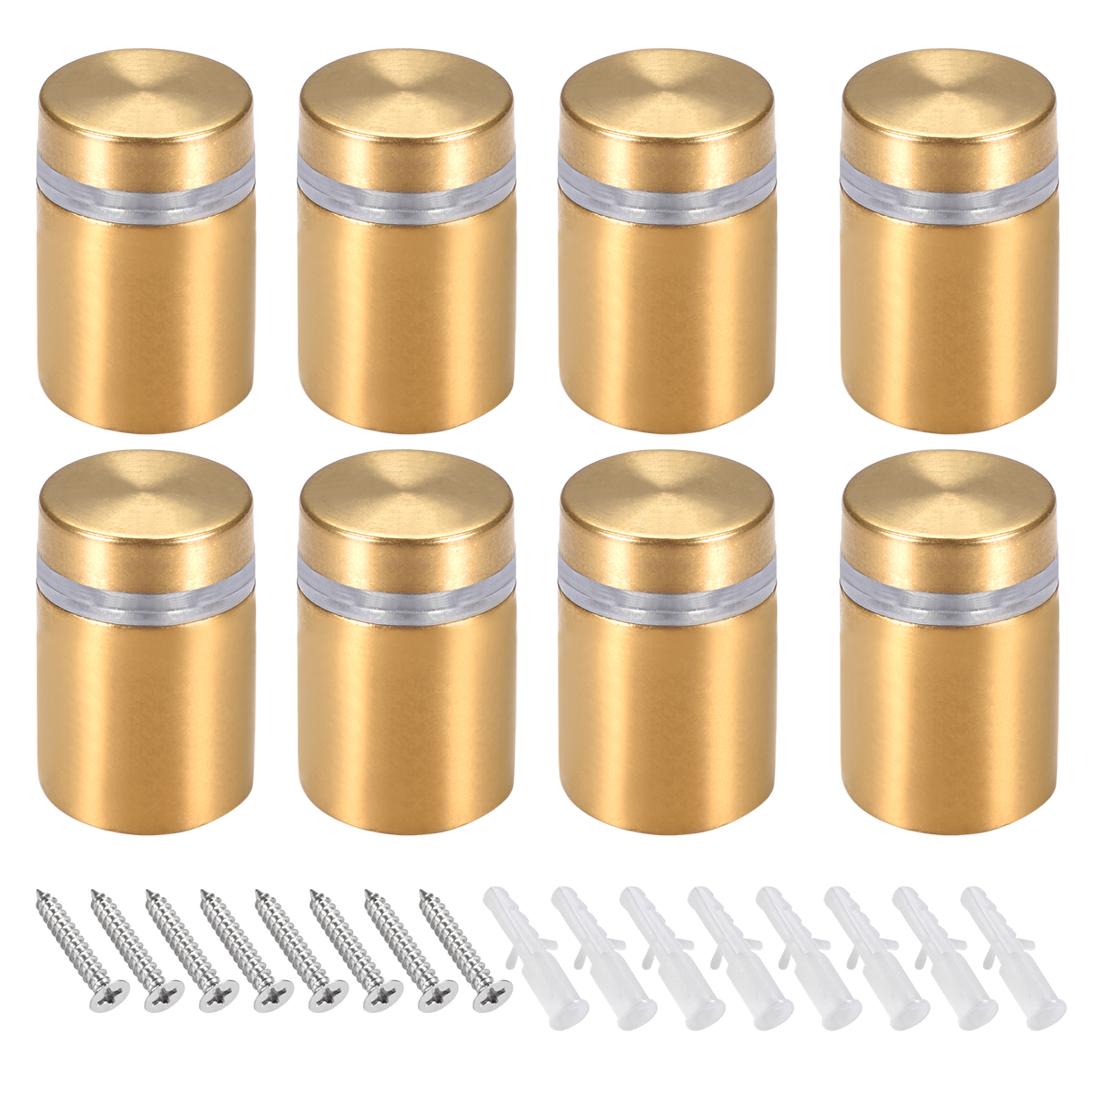 Glass Standoff Mount Wall Standoff Nails 16mm Dia 28mm Length Golden 8 Pcs